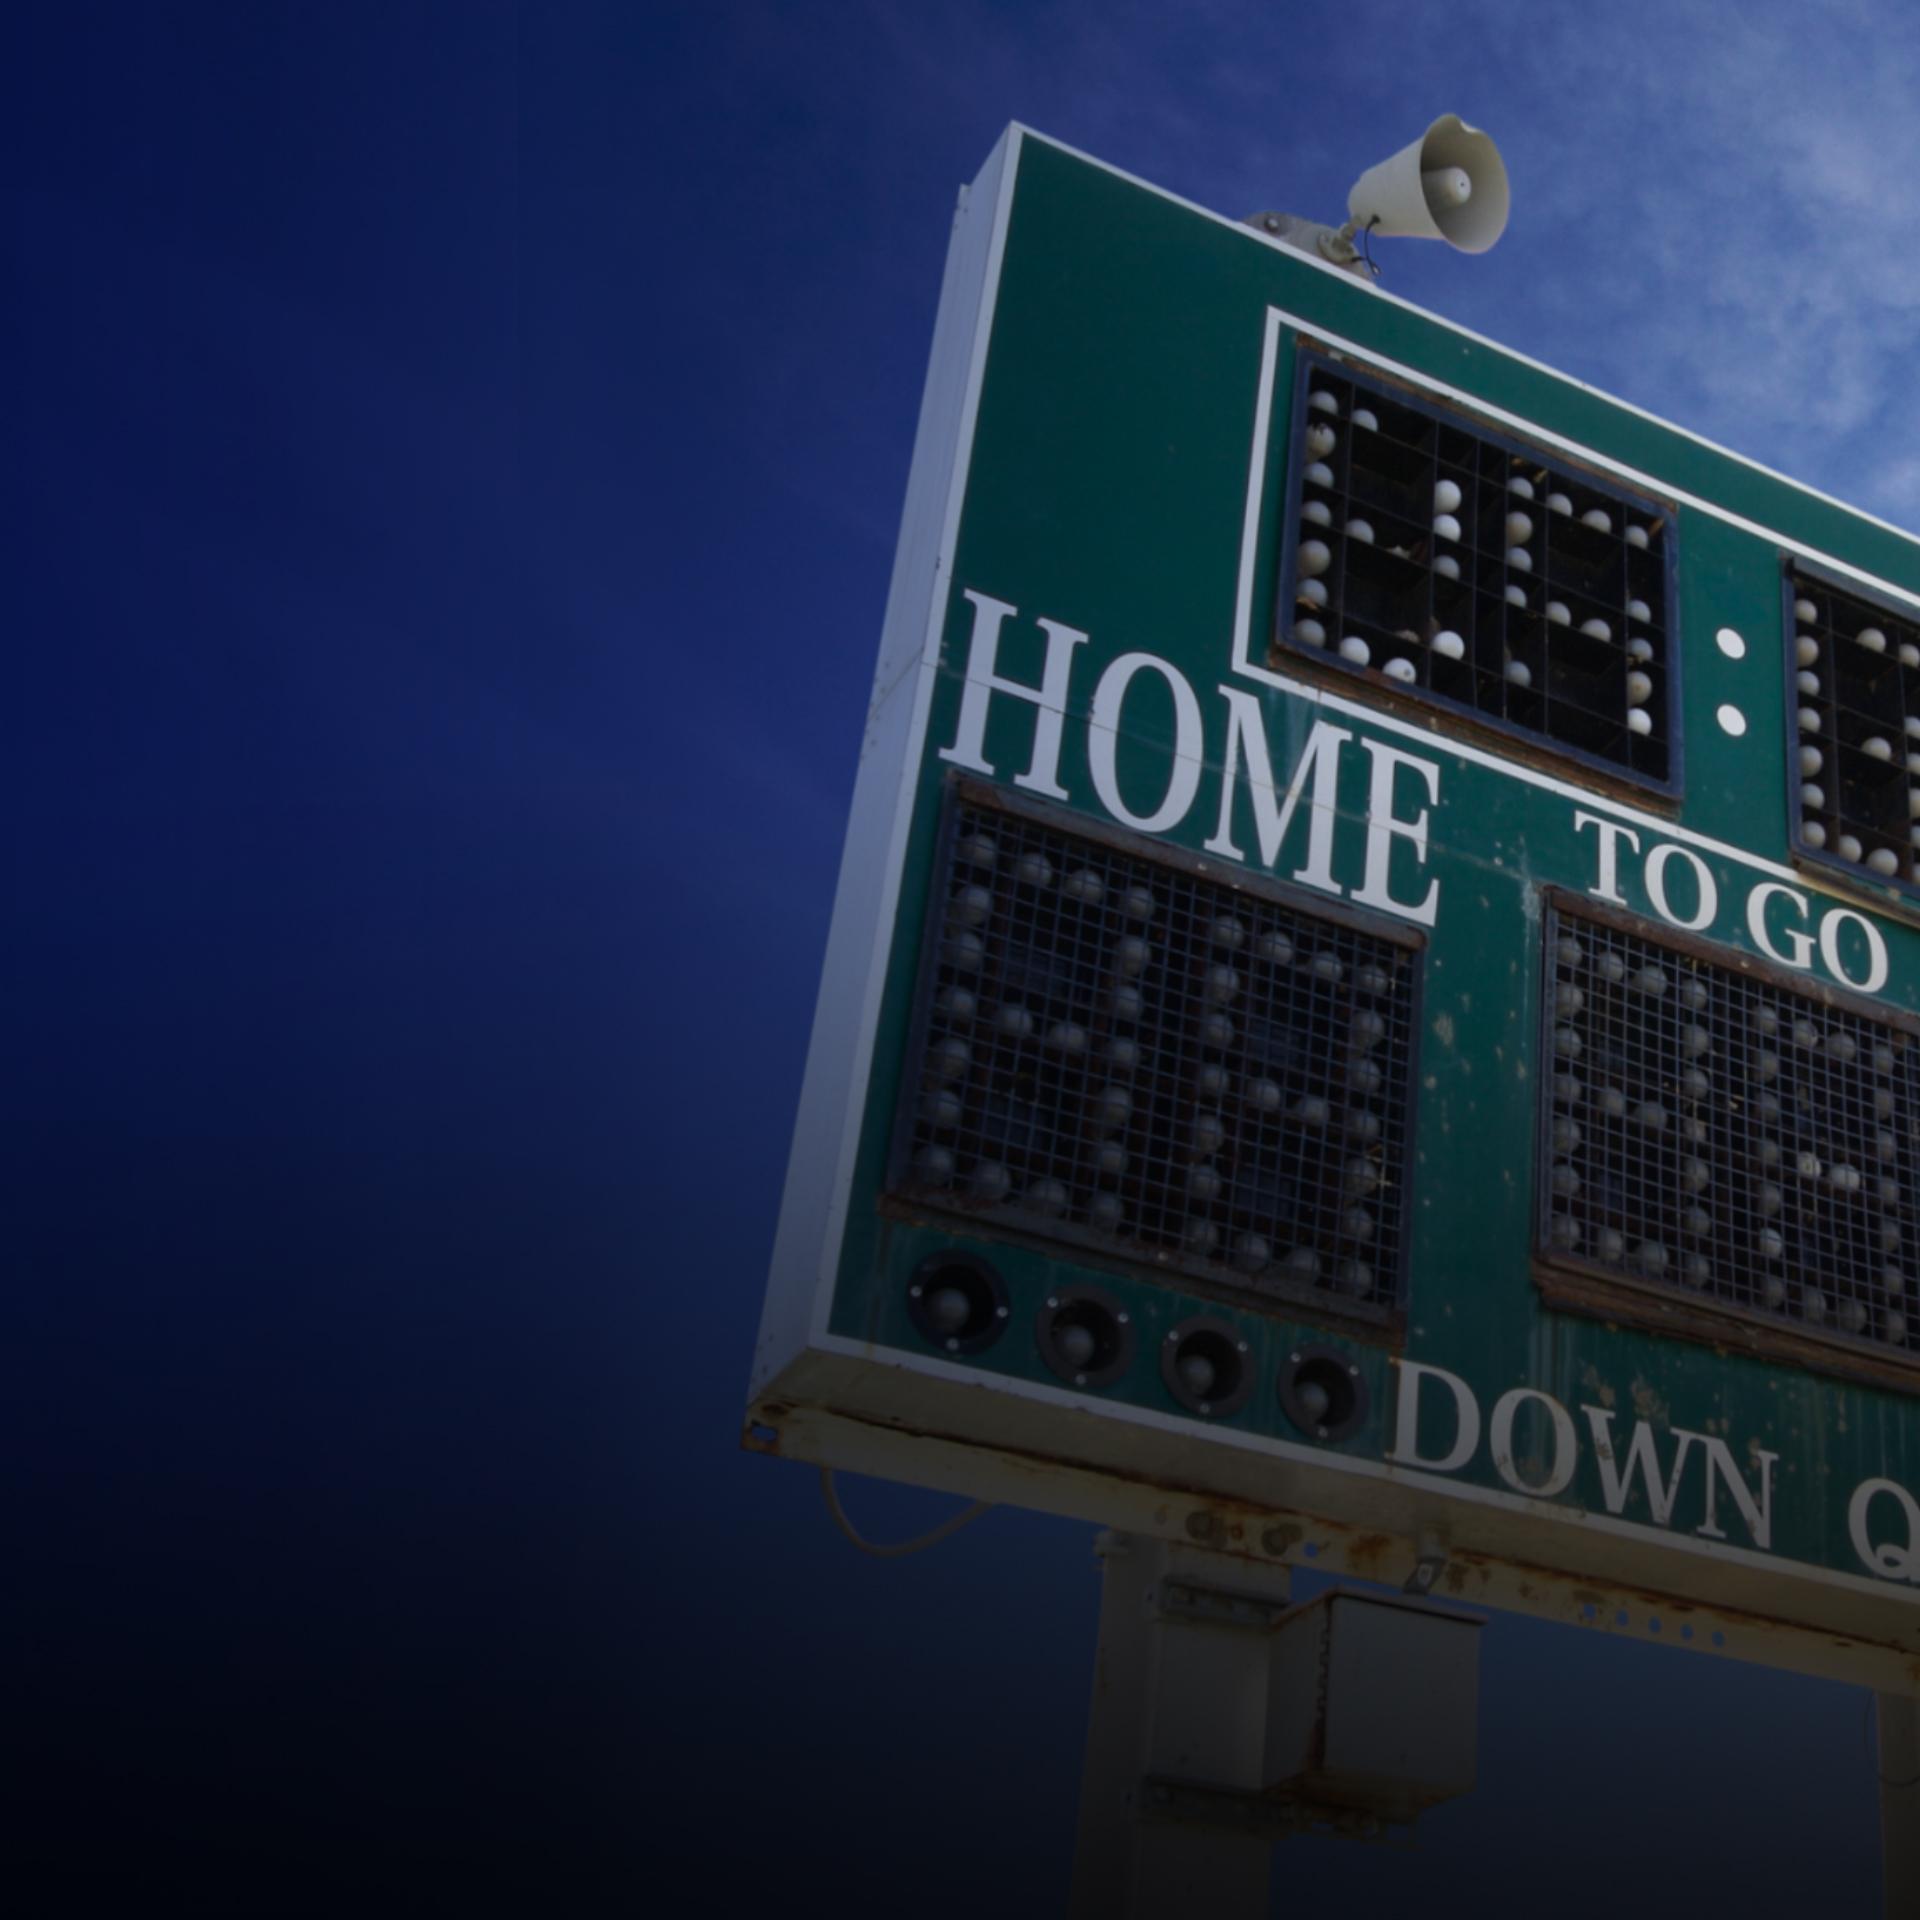 Scoreboard Show